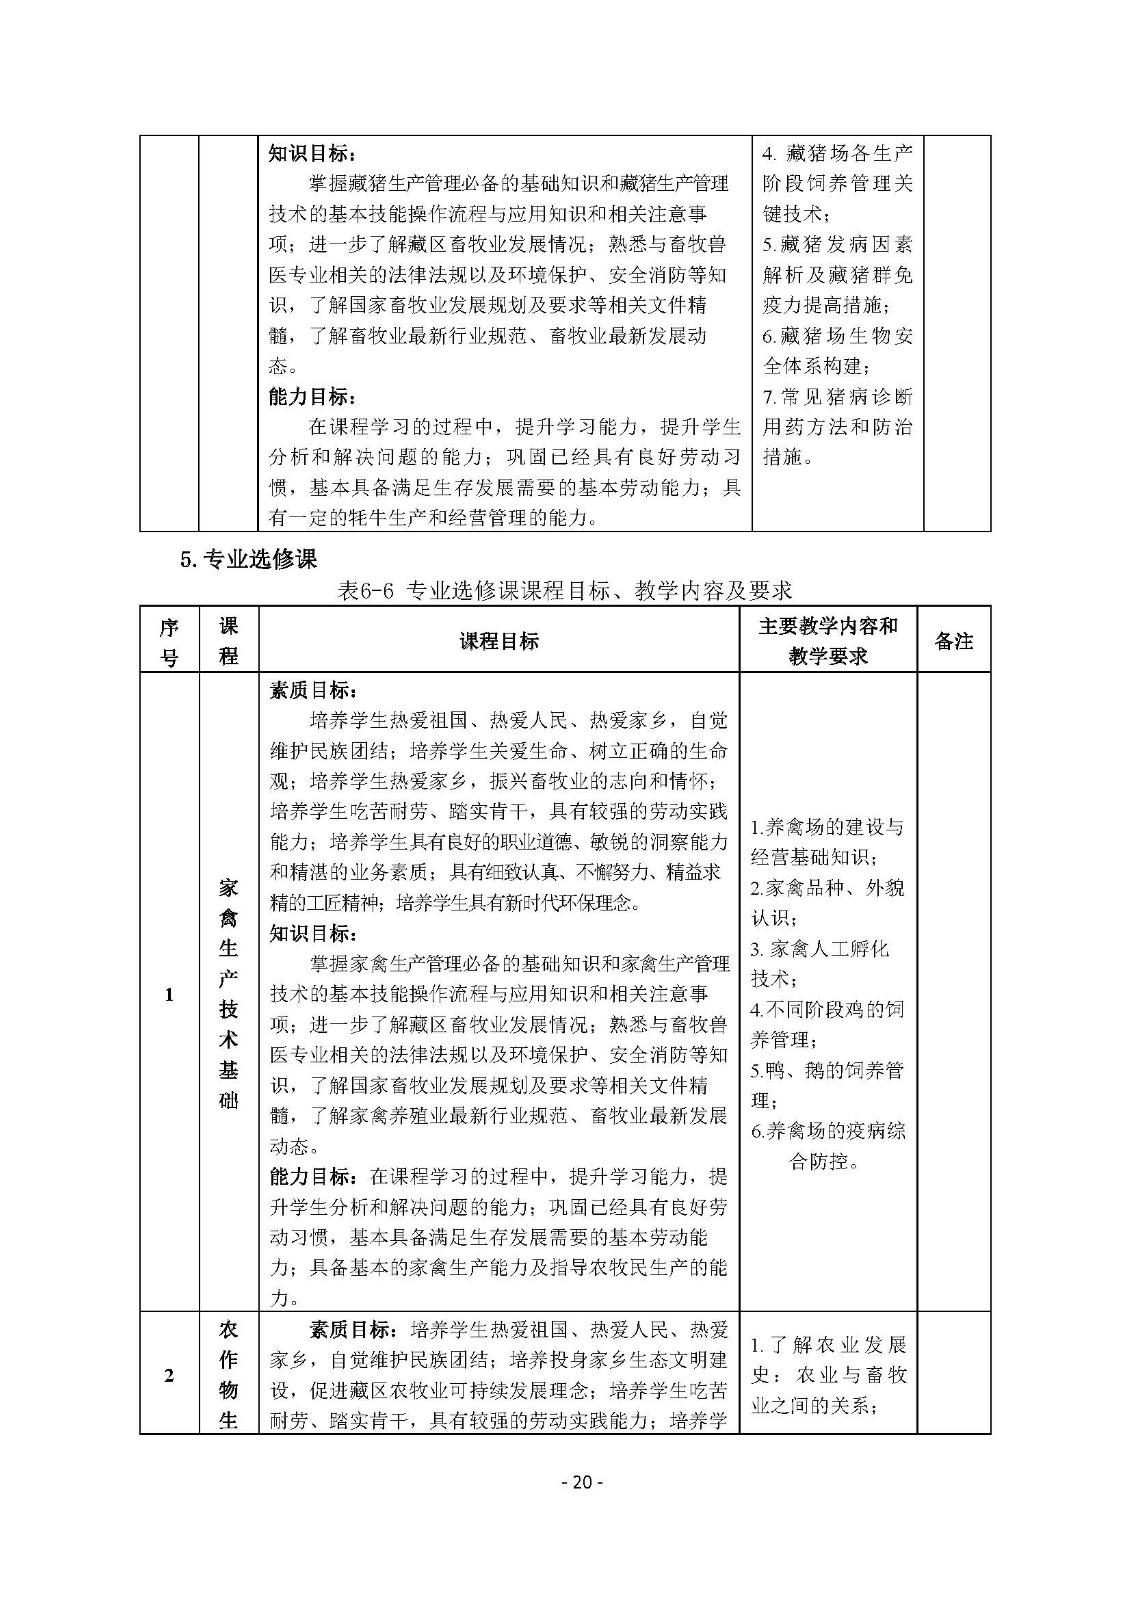 畜牧兽医专业人才培养方案_页面_22.jpg